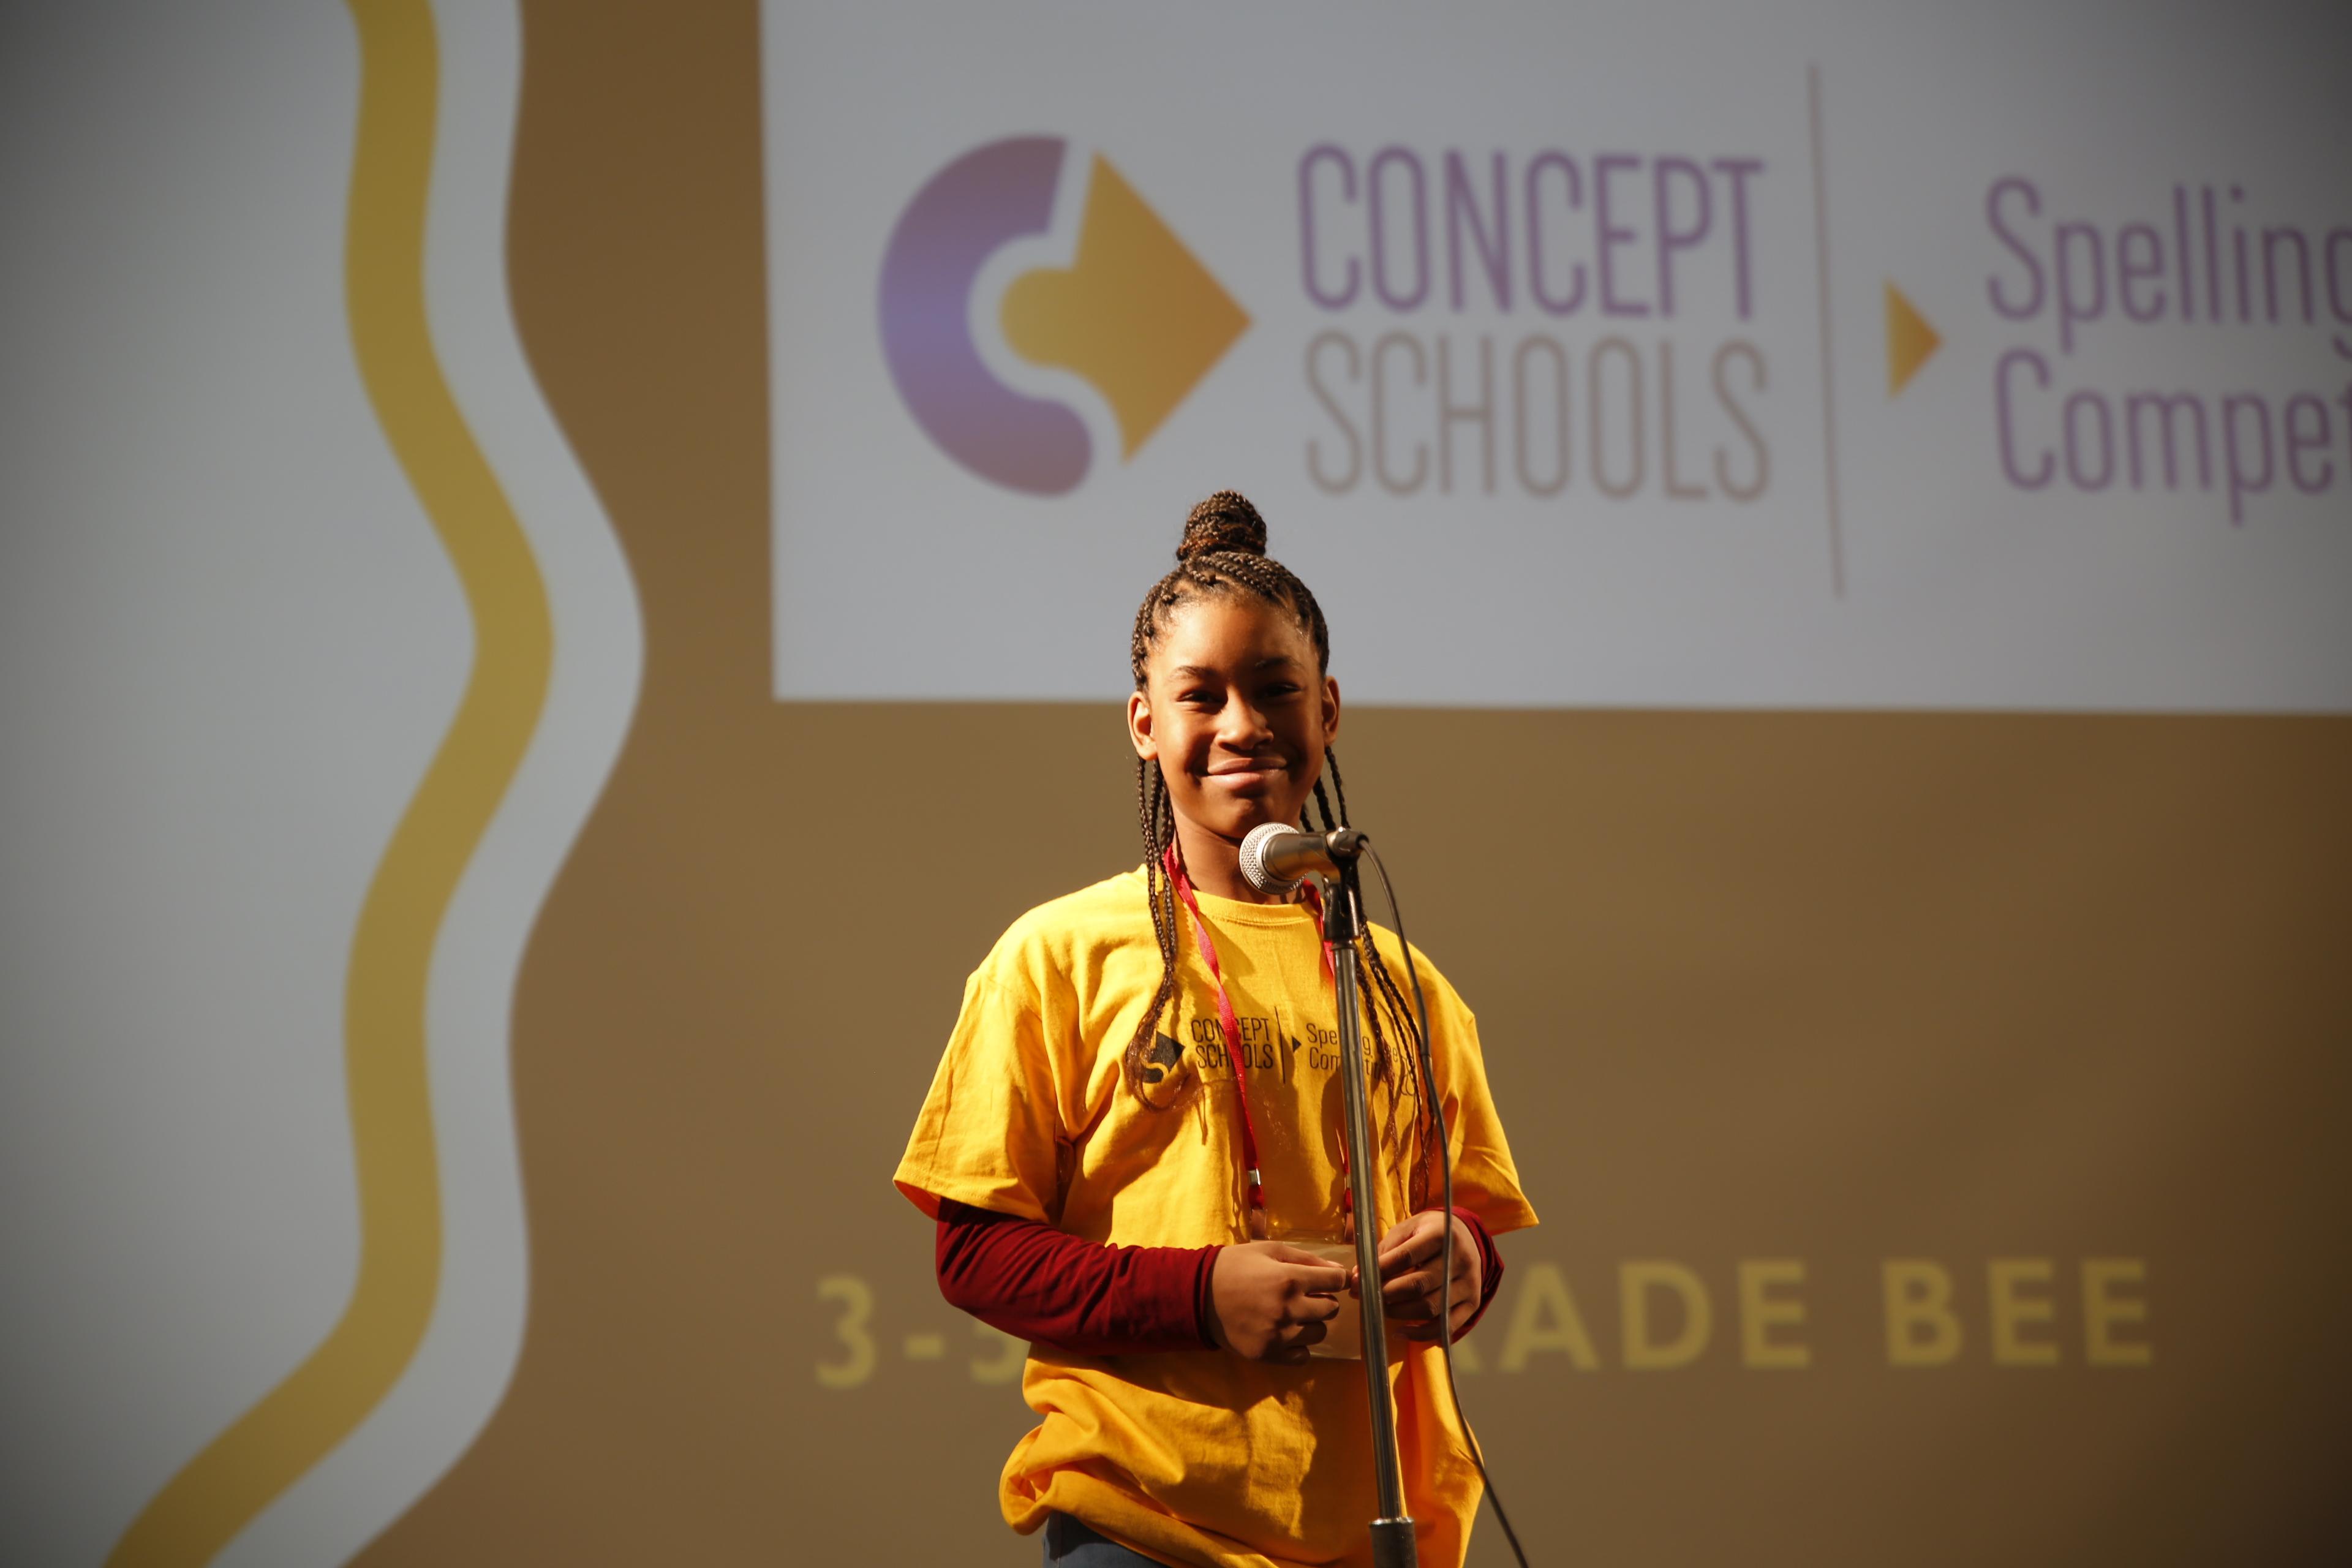 spelling-bee-concept-schools84